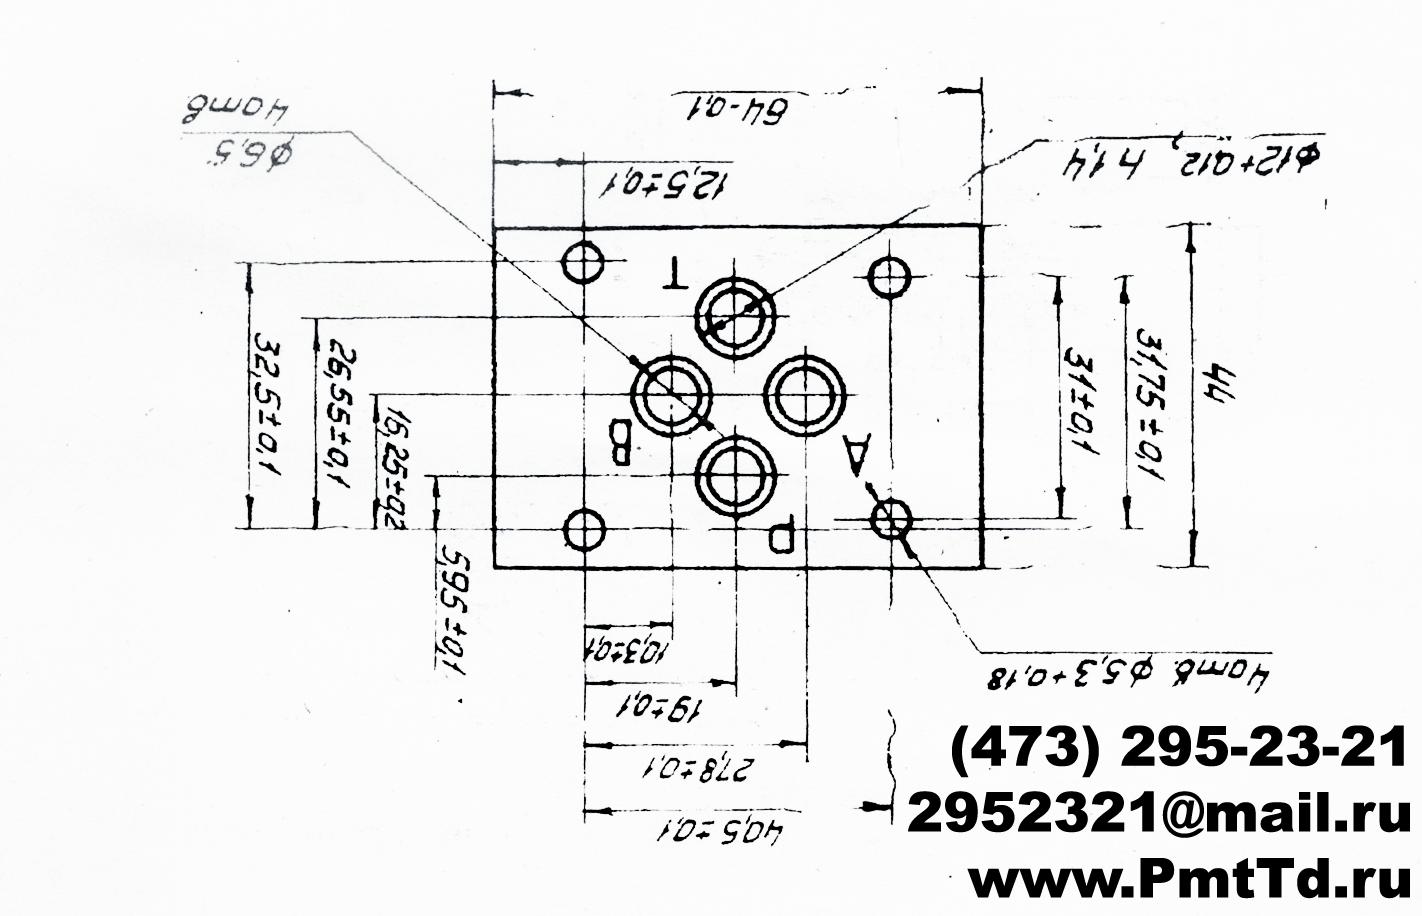 Присоеденительные размеры гидрораспределителей Марки Ве6